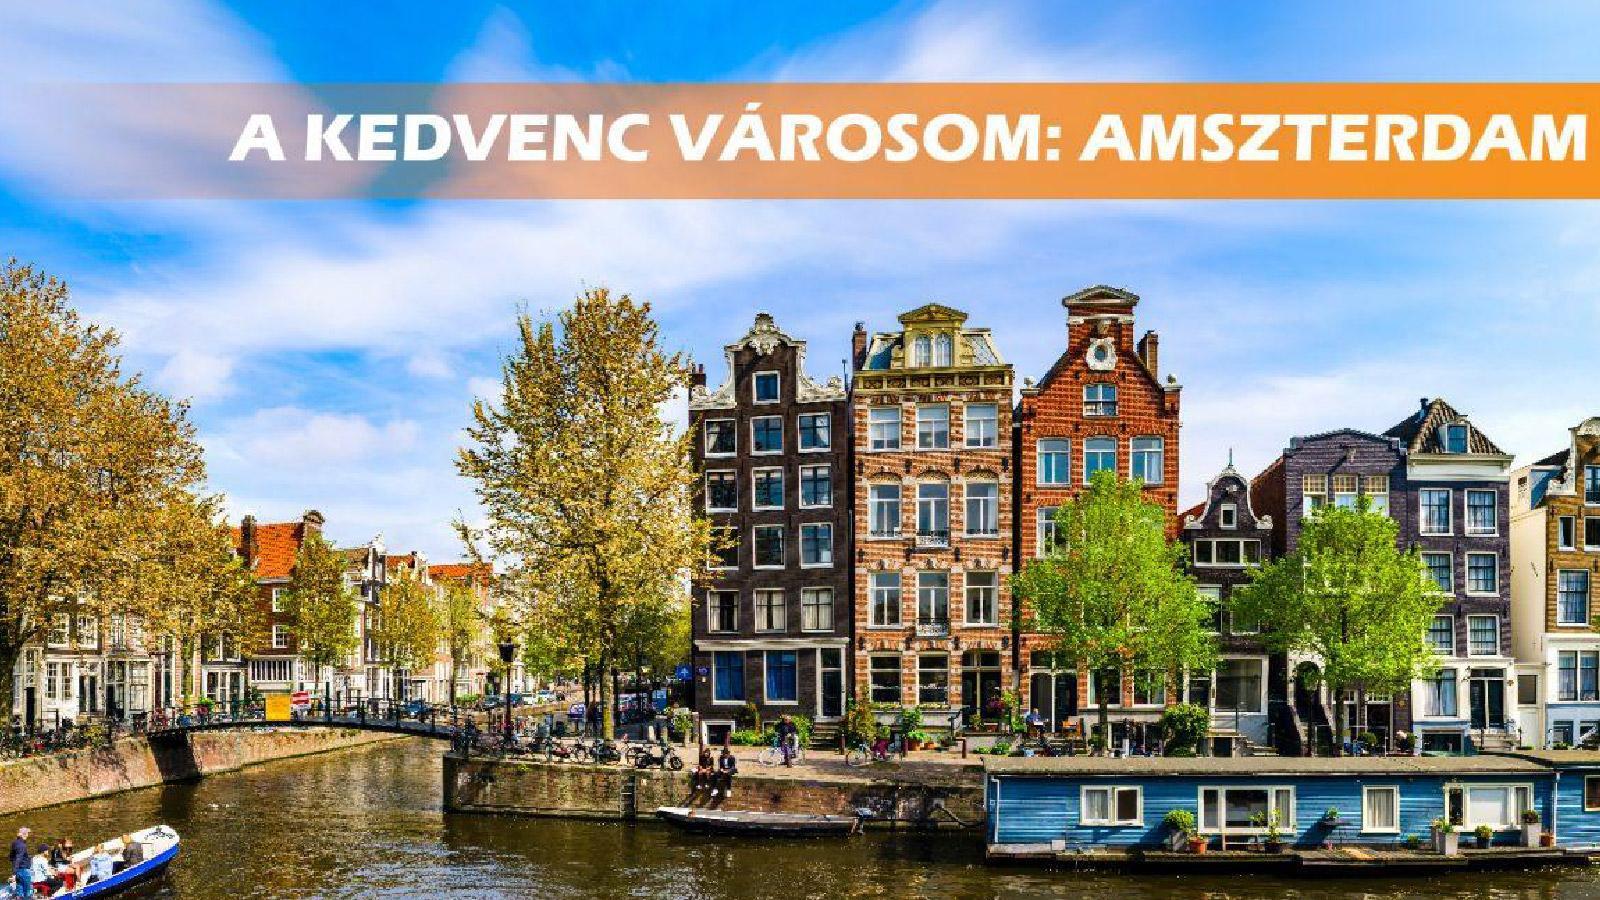 Biztosan hallották már, hogy Amszterdamot sokan megosztónak tartják, azaz az odalátogató vagy szerelembe esik a várossal, vagy éppen ellenkezőleg, félelmet kelt ben...